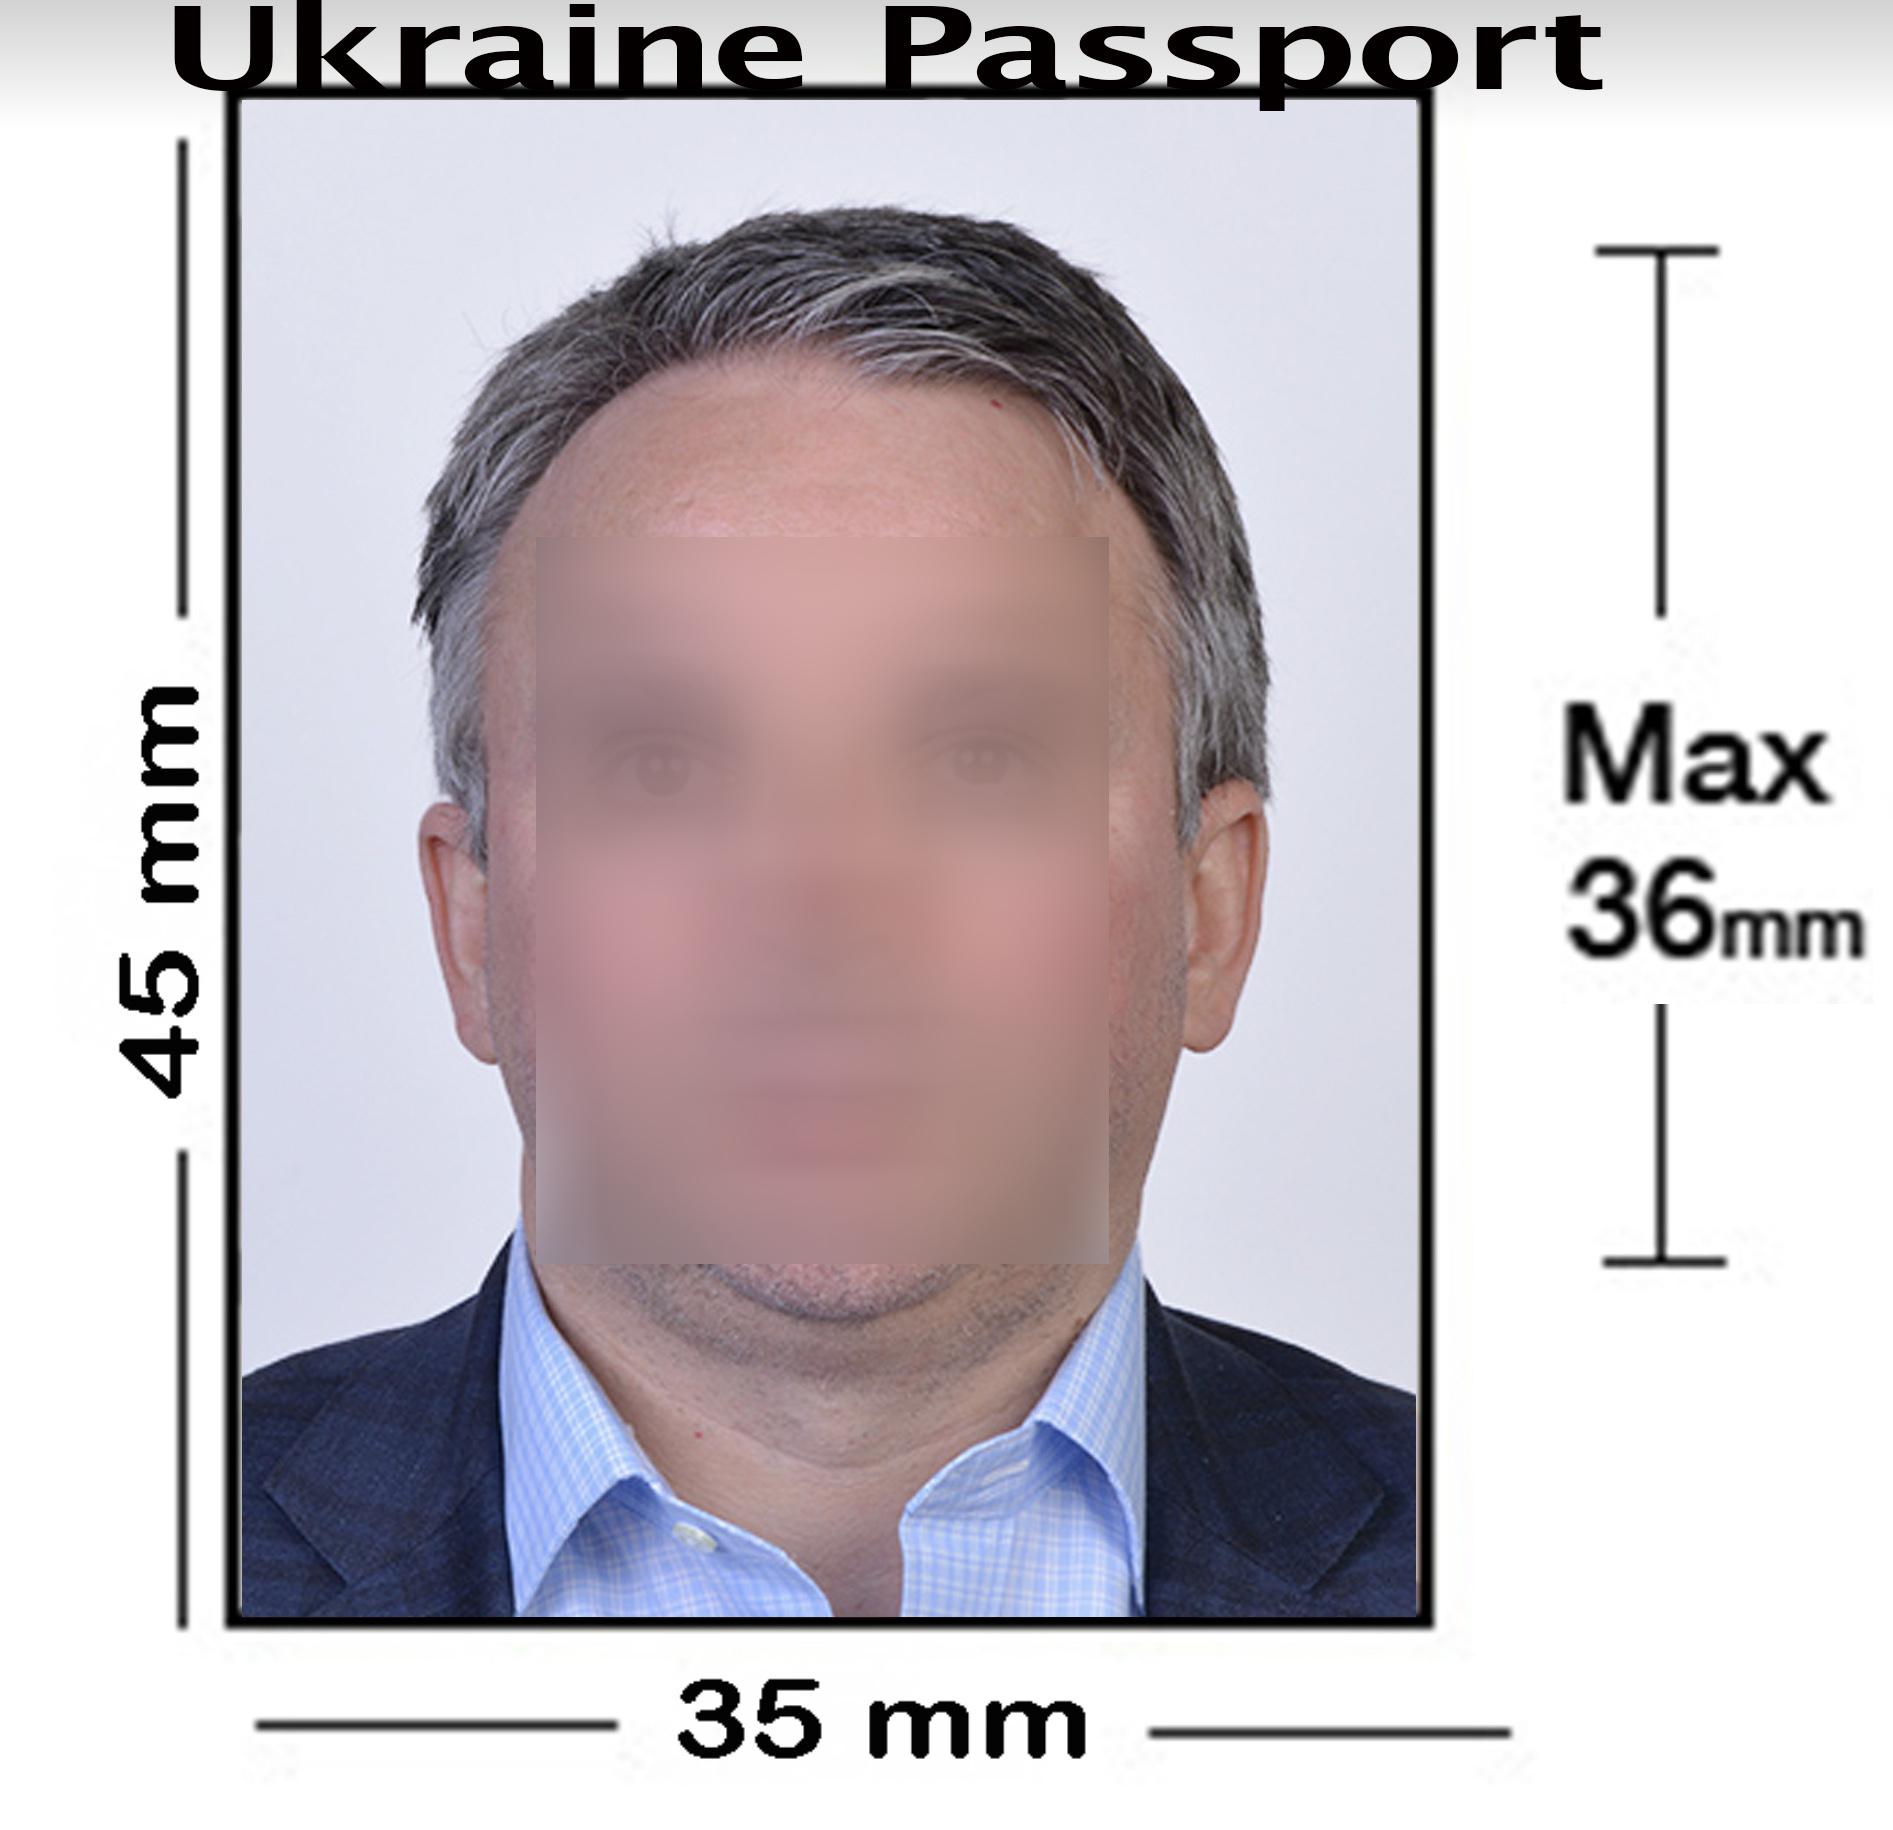 Ukraine Passport Photo NYC